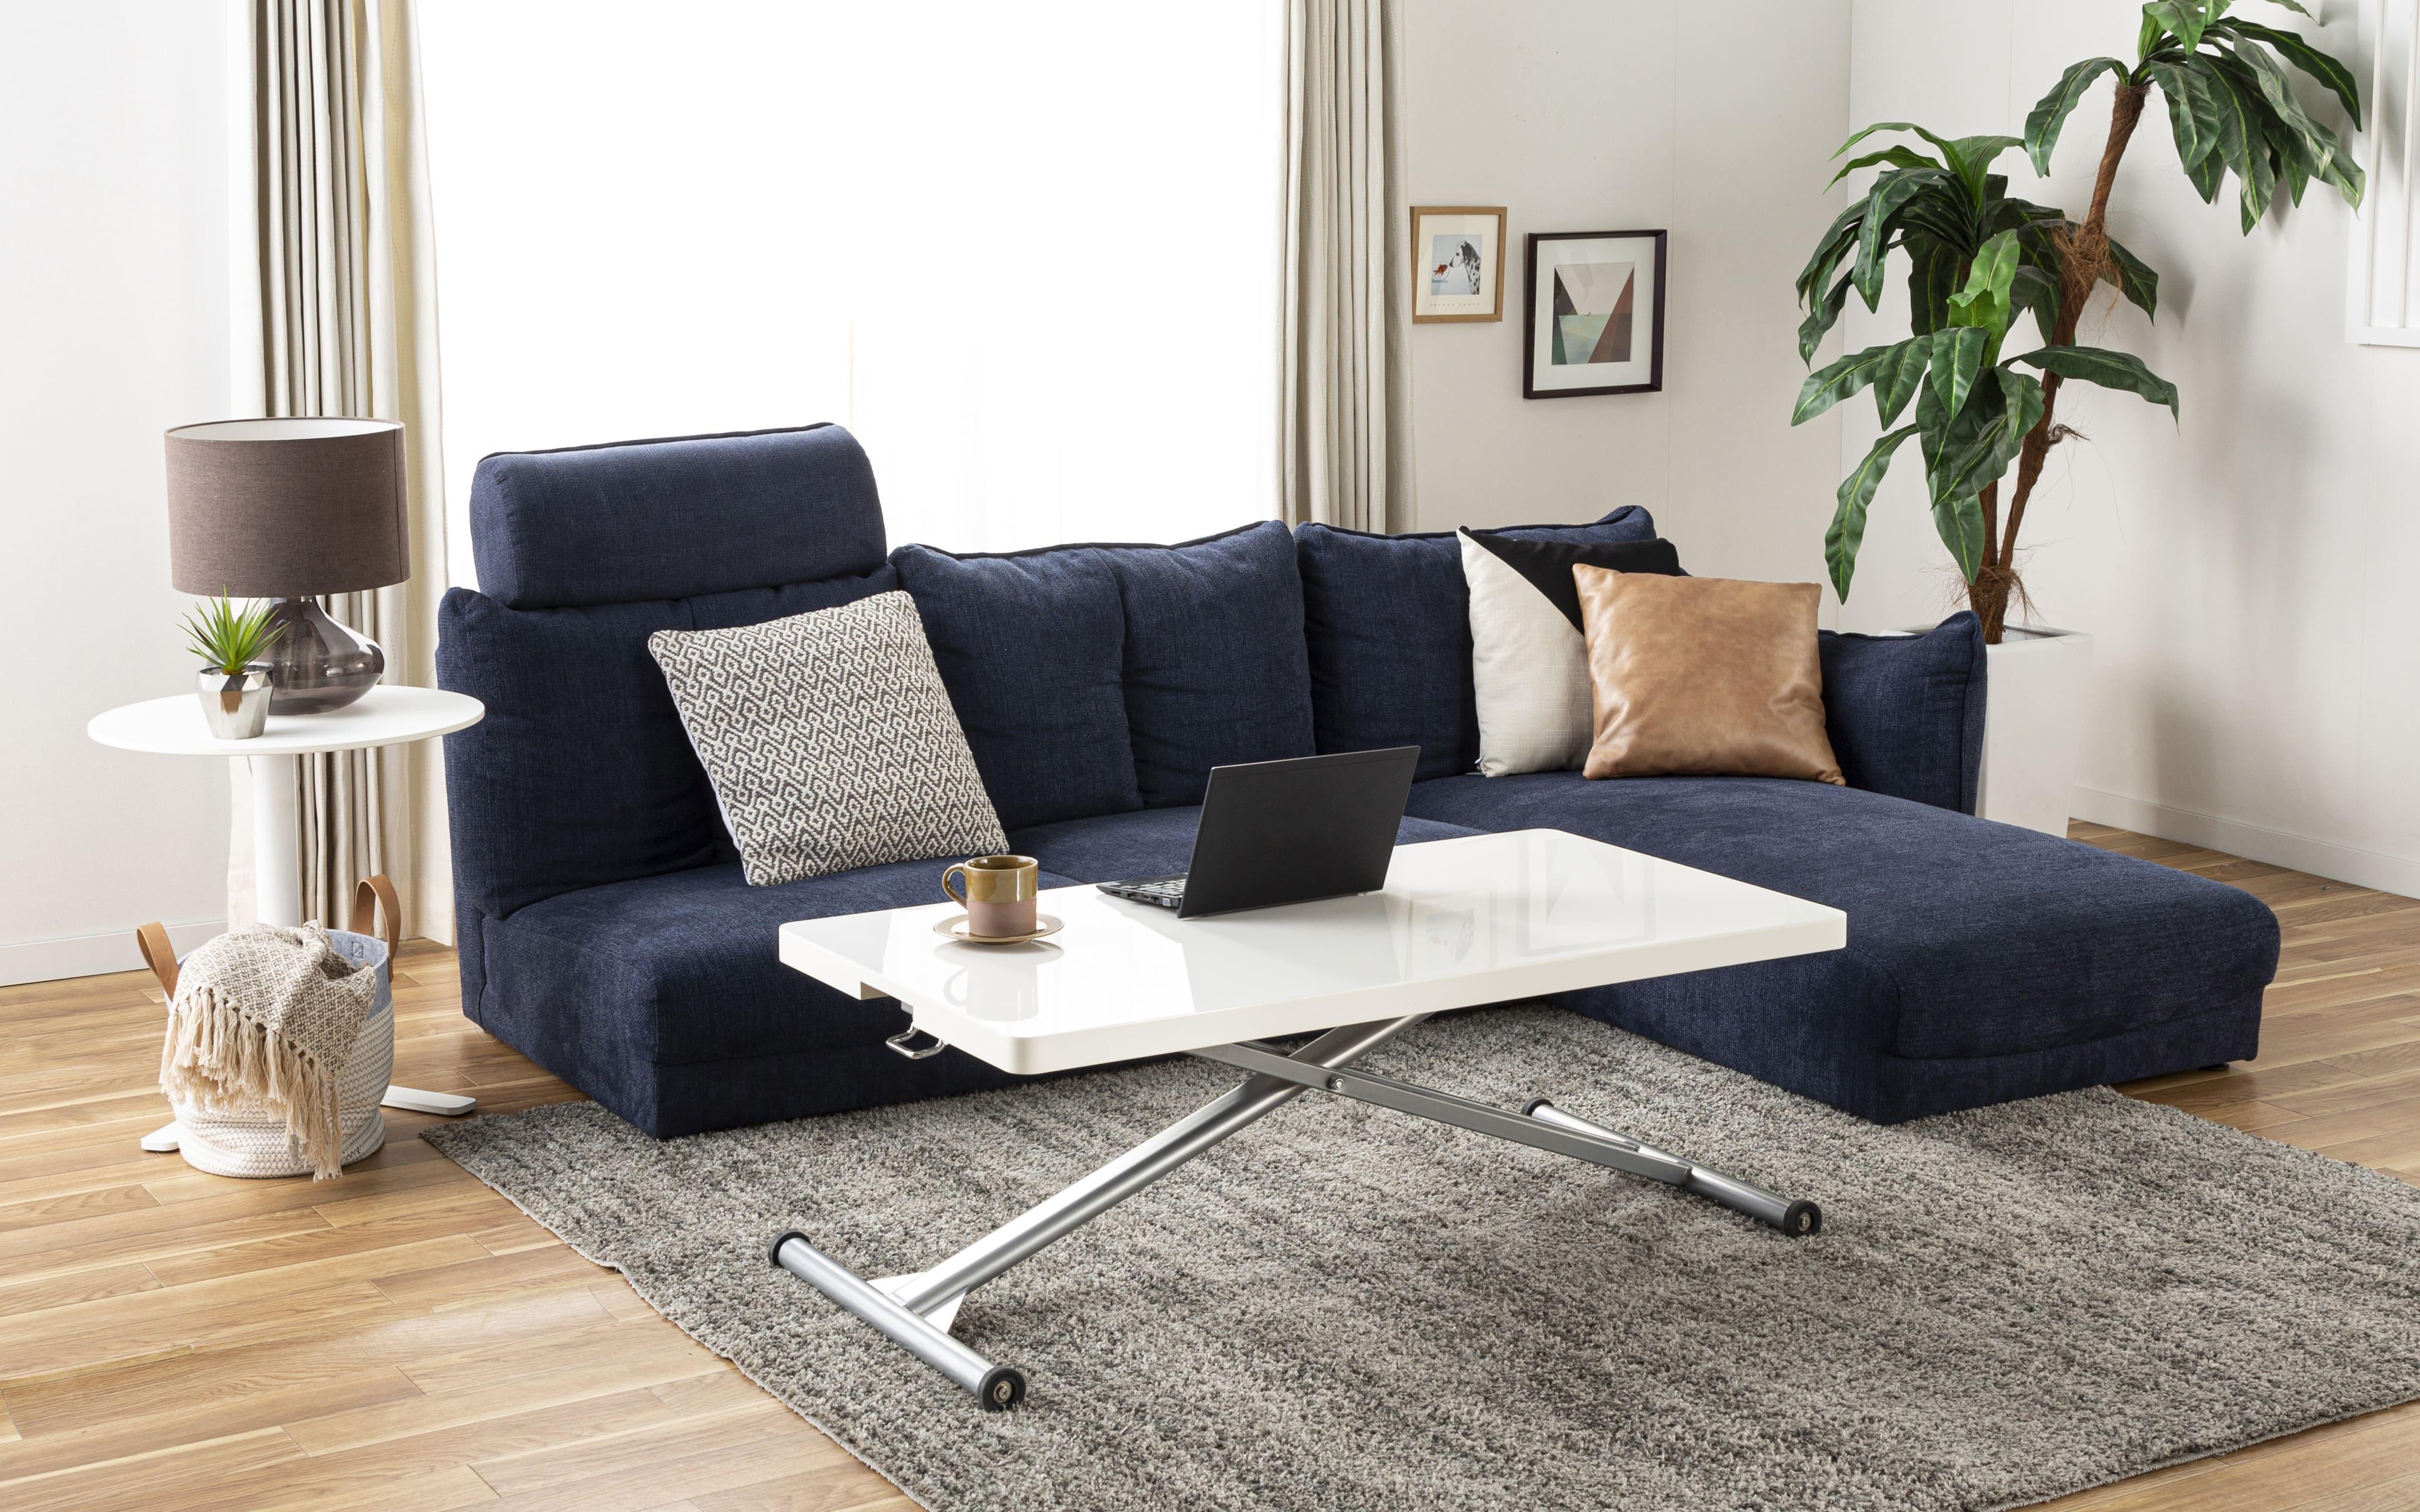 シェーズロングソファー LENO 【3点セット】 NB:自分だけのソファを作ろう!